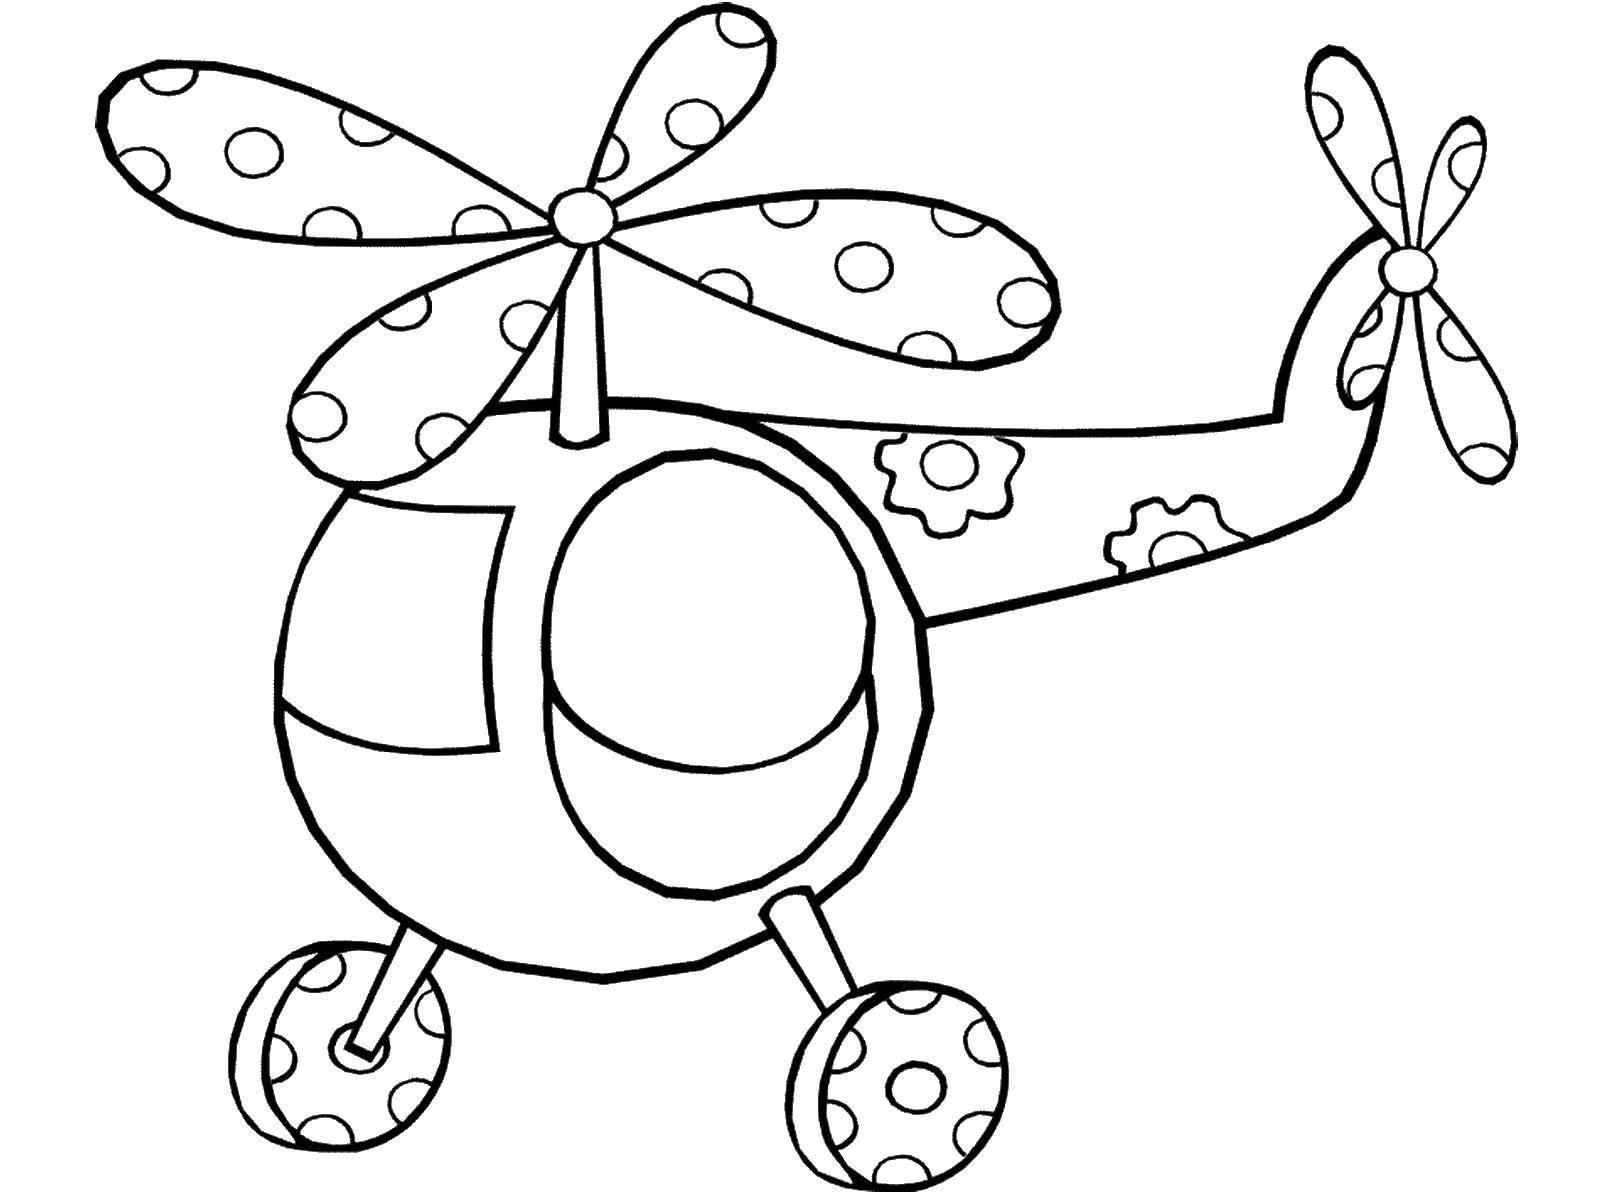 Раскраска Вертолет с цветочками. Скачать вертолет, пропеллер, цветы.  Распечатать ,игрушки,